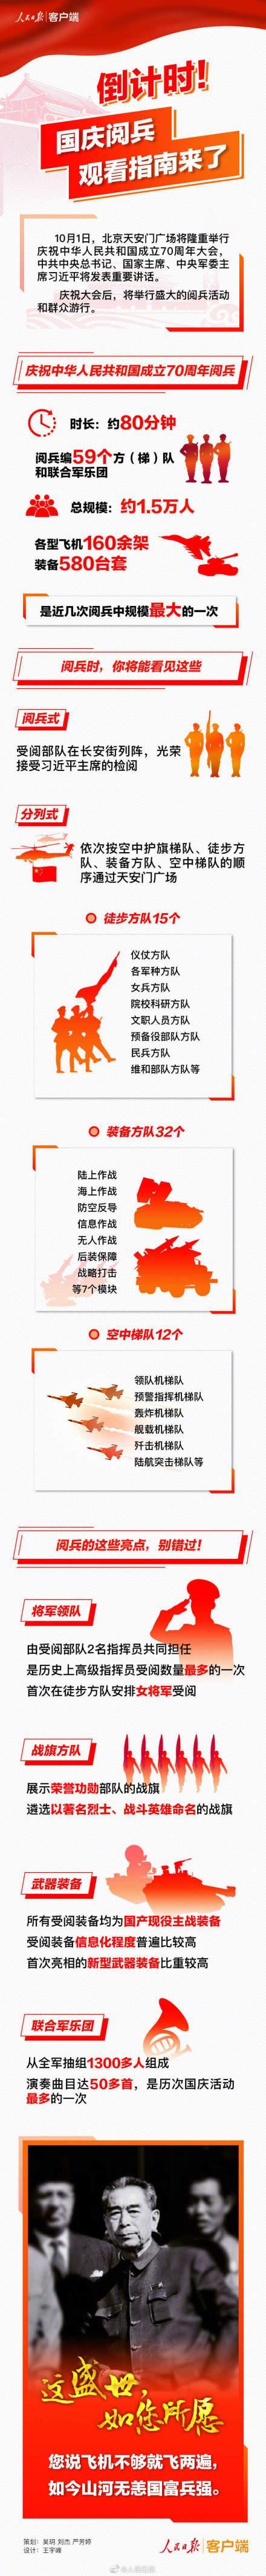 2019国庆阅兵仪式时间及直播平台--万家热线手机站